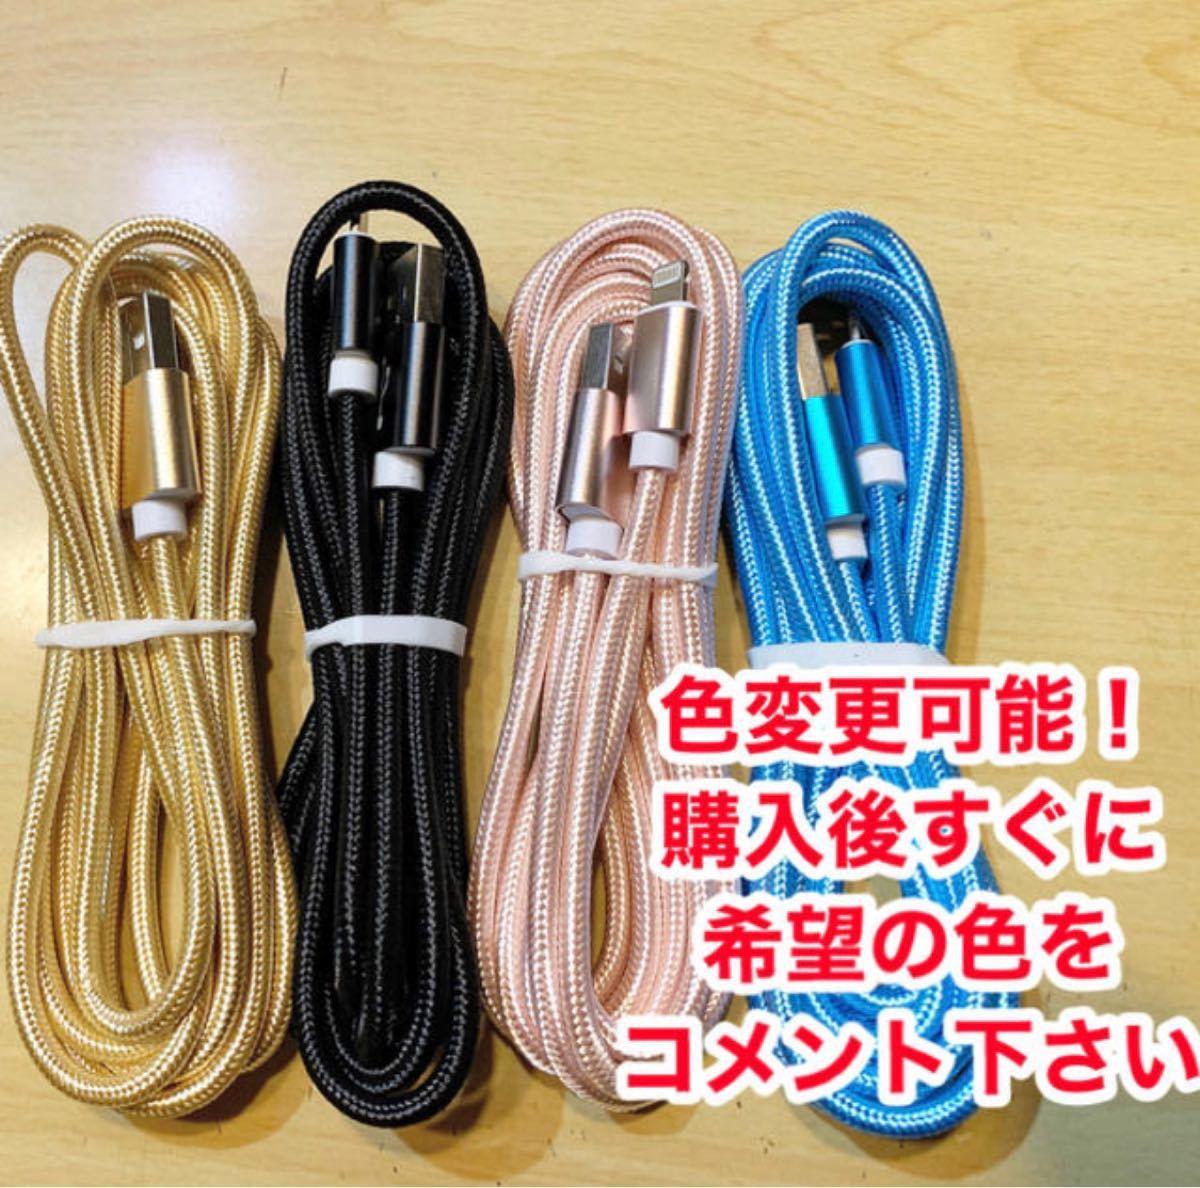 ライトニングケーブル2m純正品質  iPhoneケーブル 充電コード6本 USB Lightningケーブル データ転送 充電器